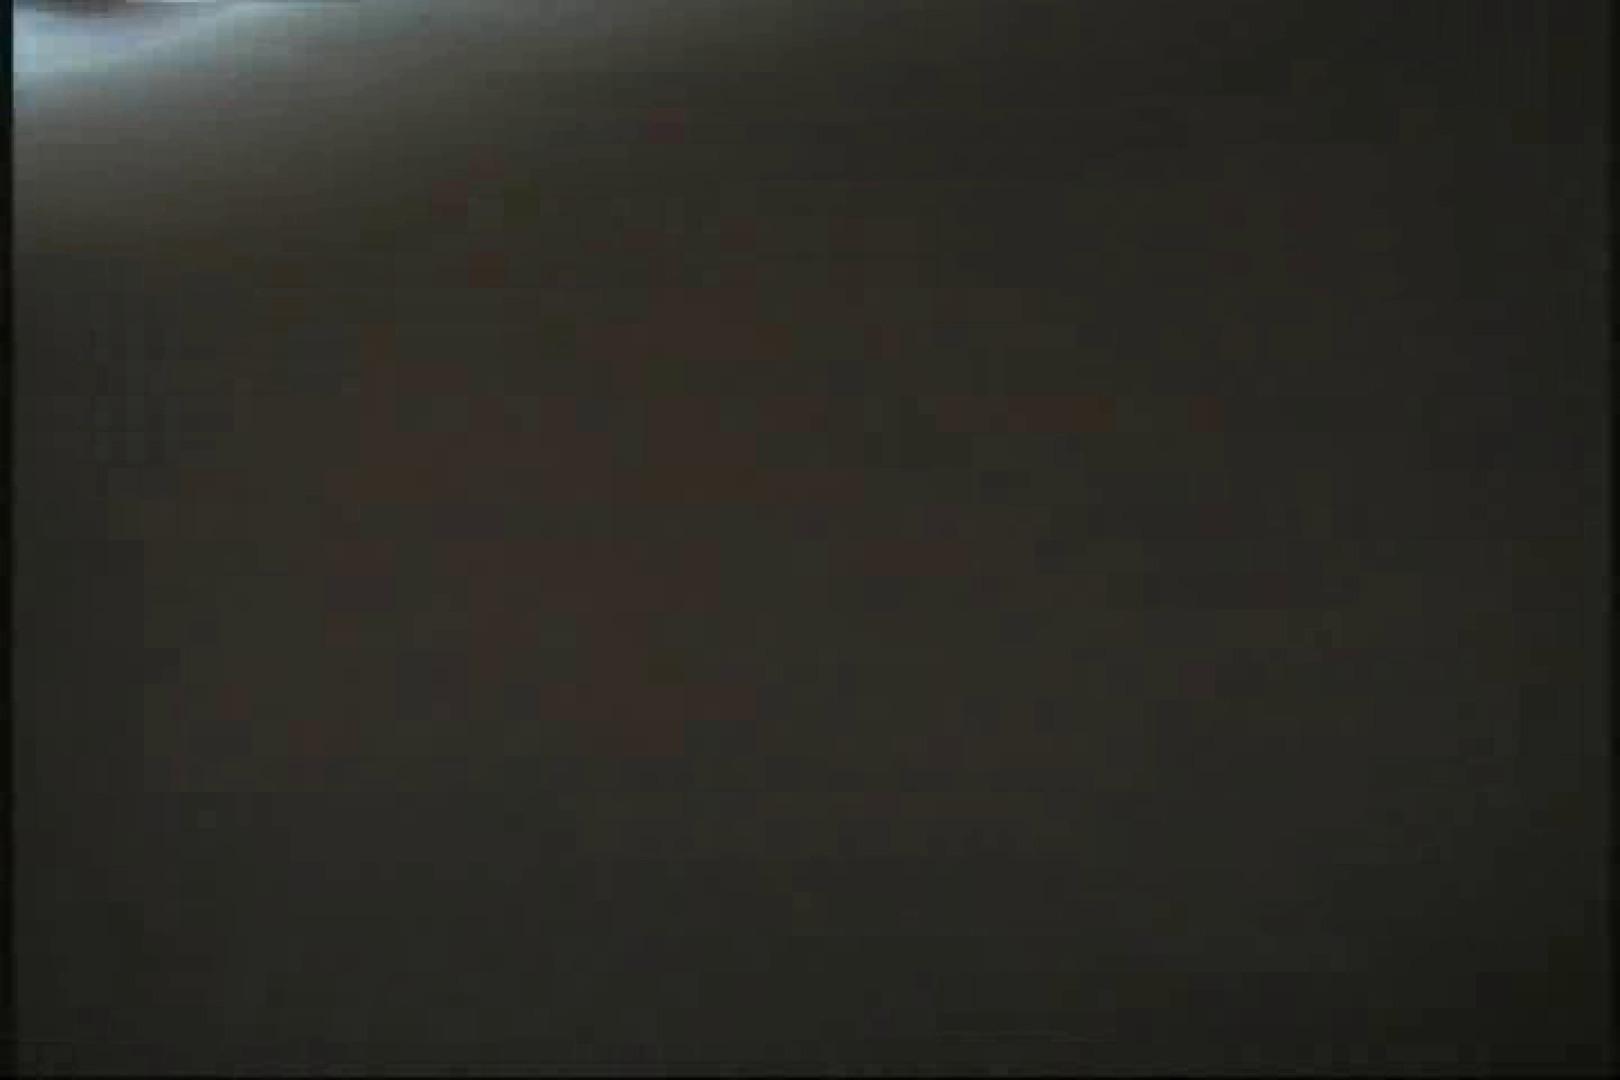 いっくんの調教シリーズ「未亡人みずほ27歳市役所職員」Vol.7 浴衣ギャル   ローター  89pic 19